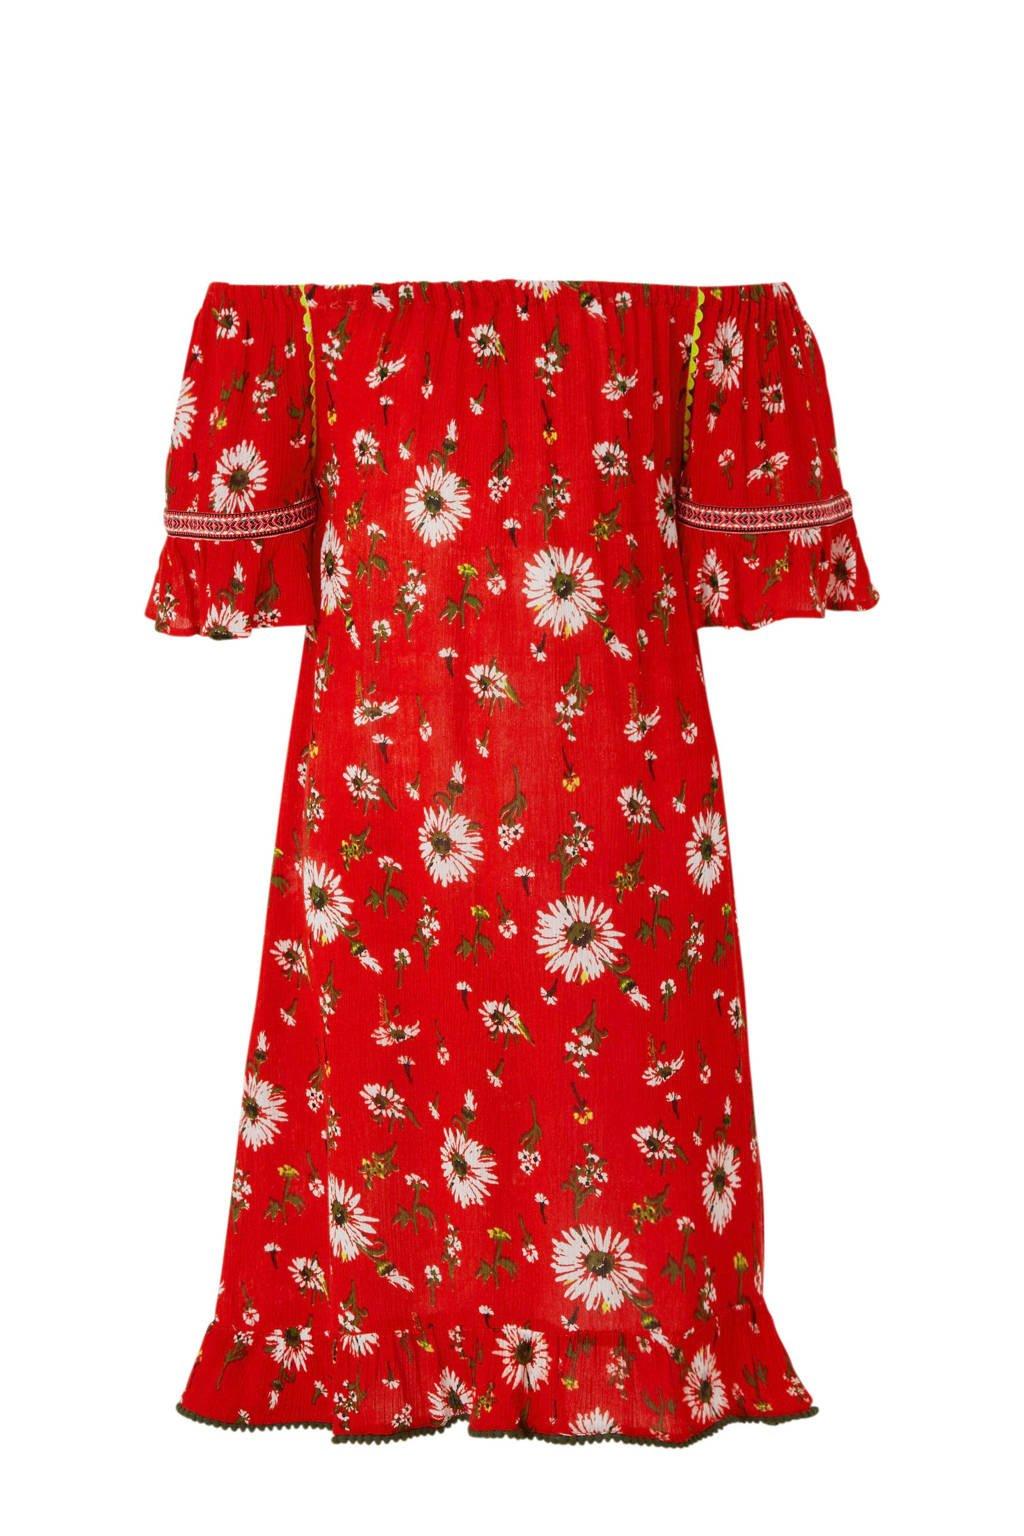 Vingino offshoulder jurk Primma met bloemen rood, Rood